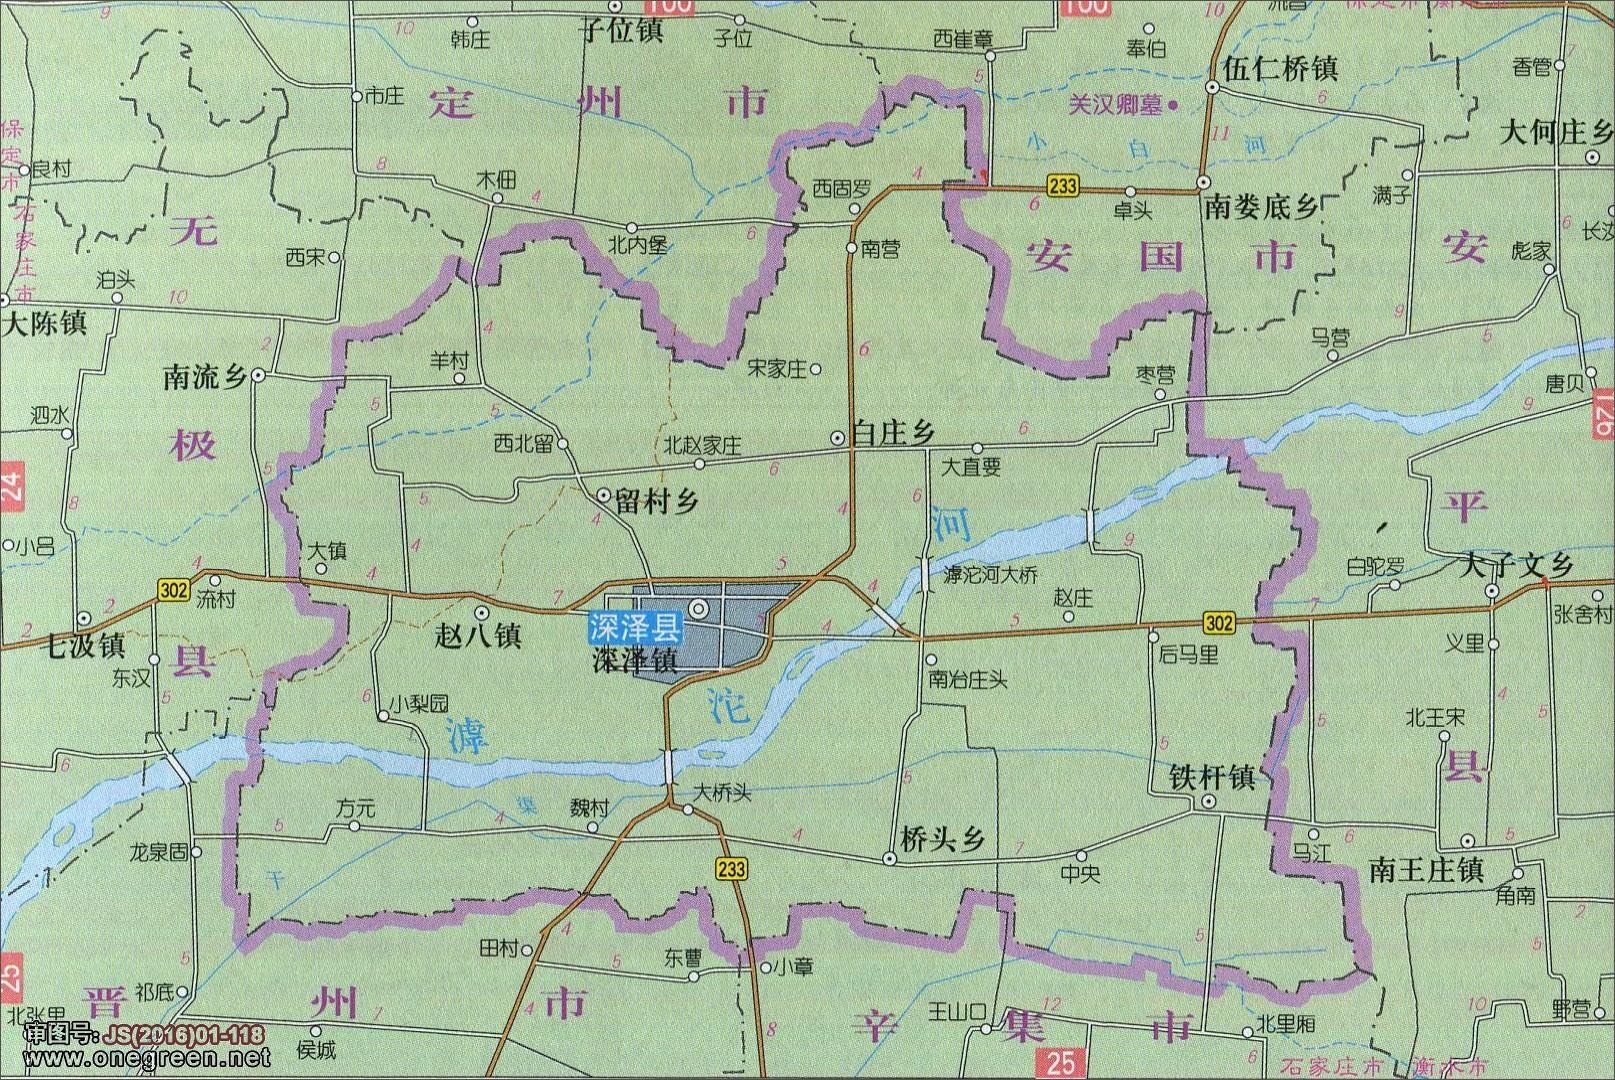 深泽县地图_石家庄地图库图片